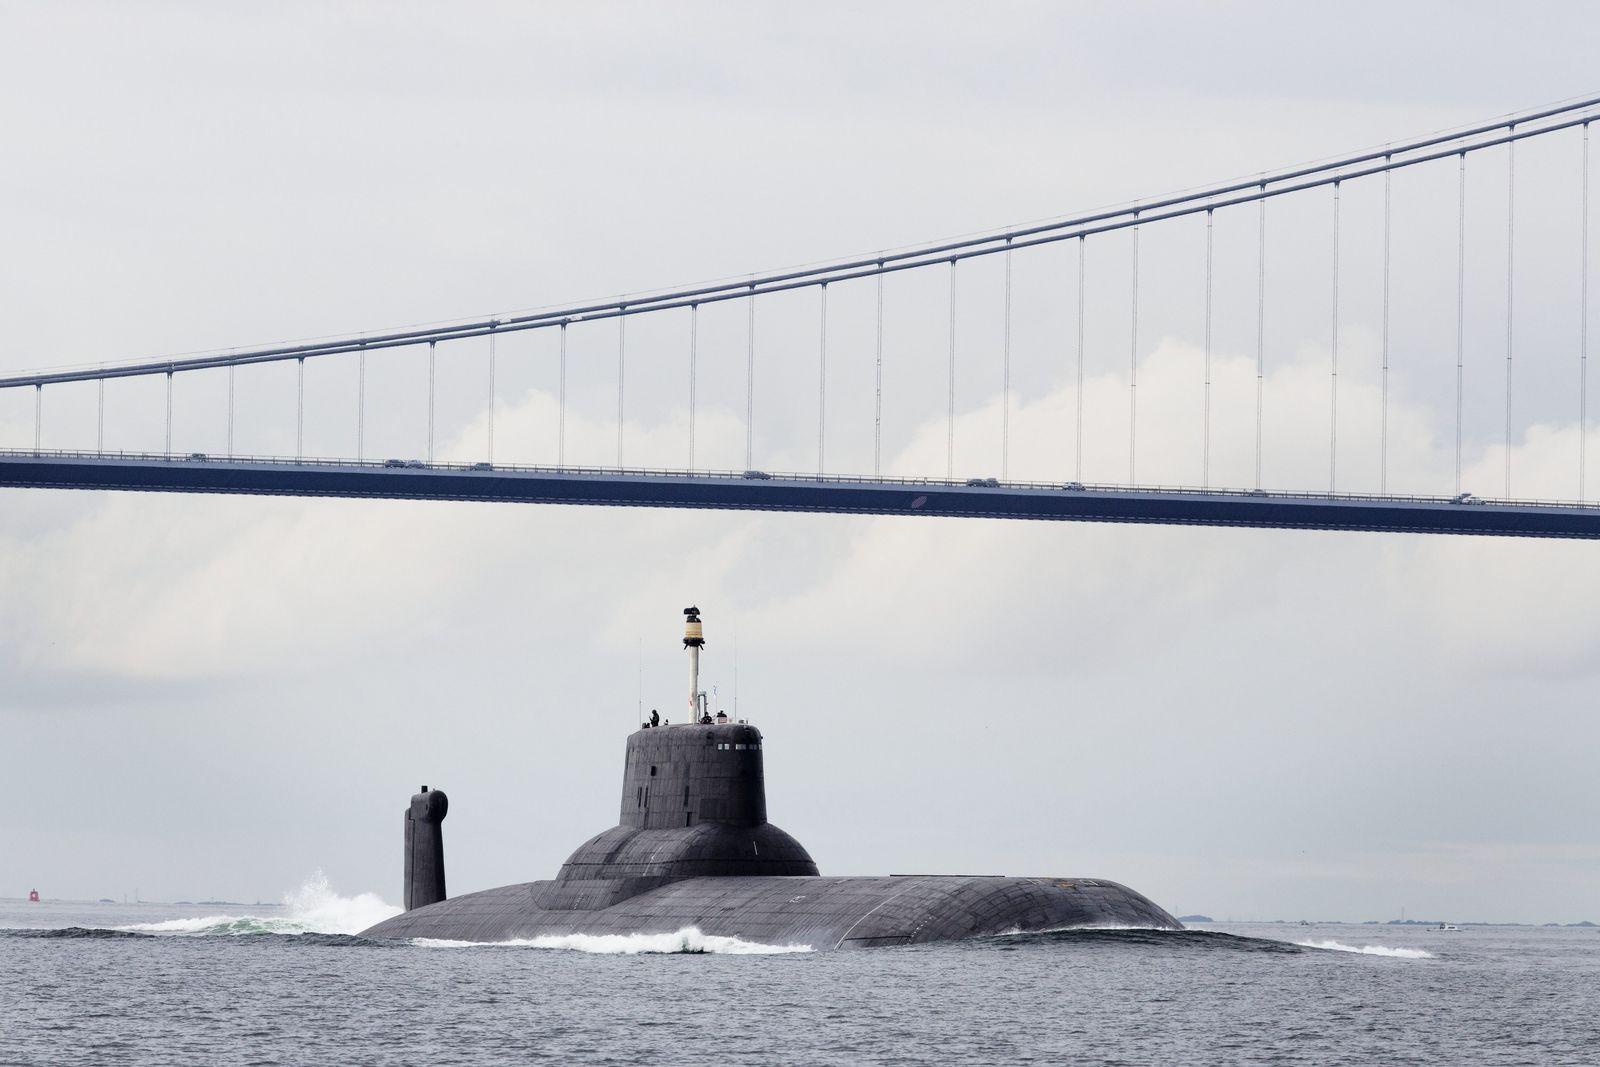 Russisches Atom-U-Boot in dänischen Gewässern